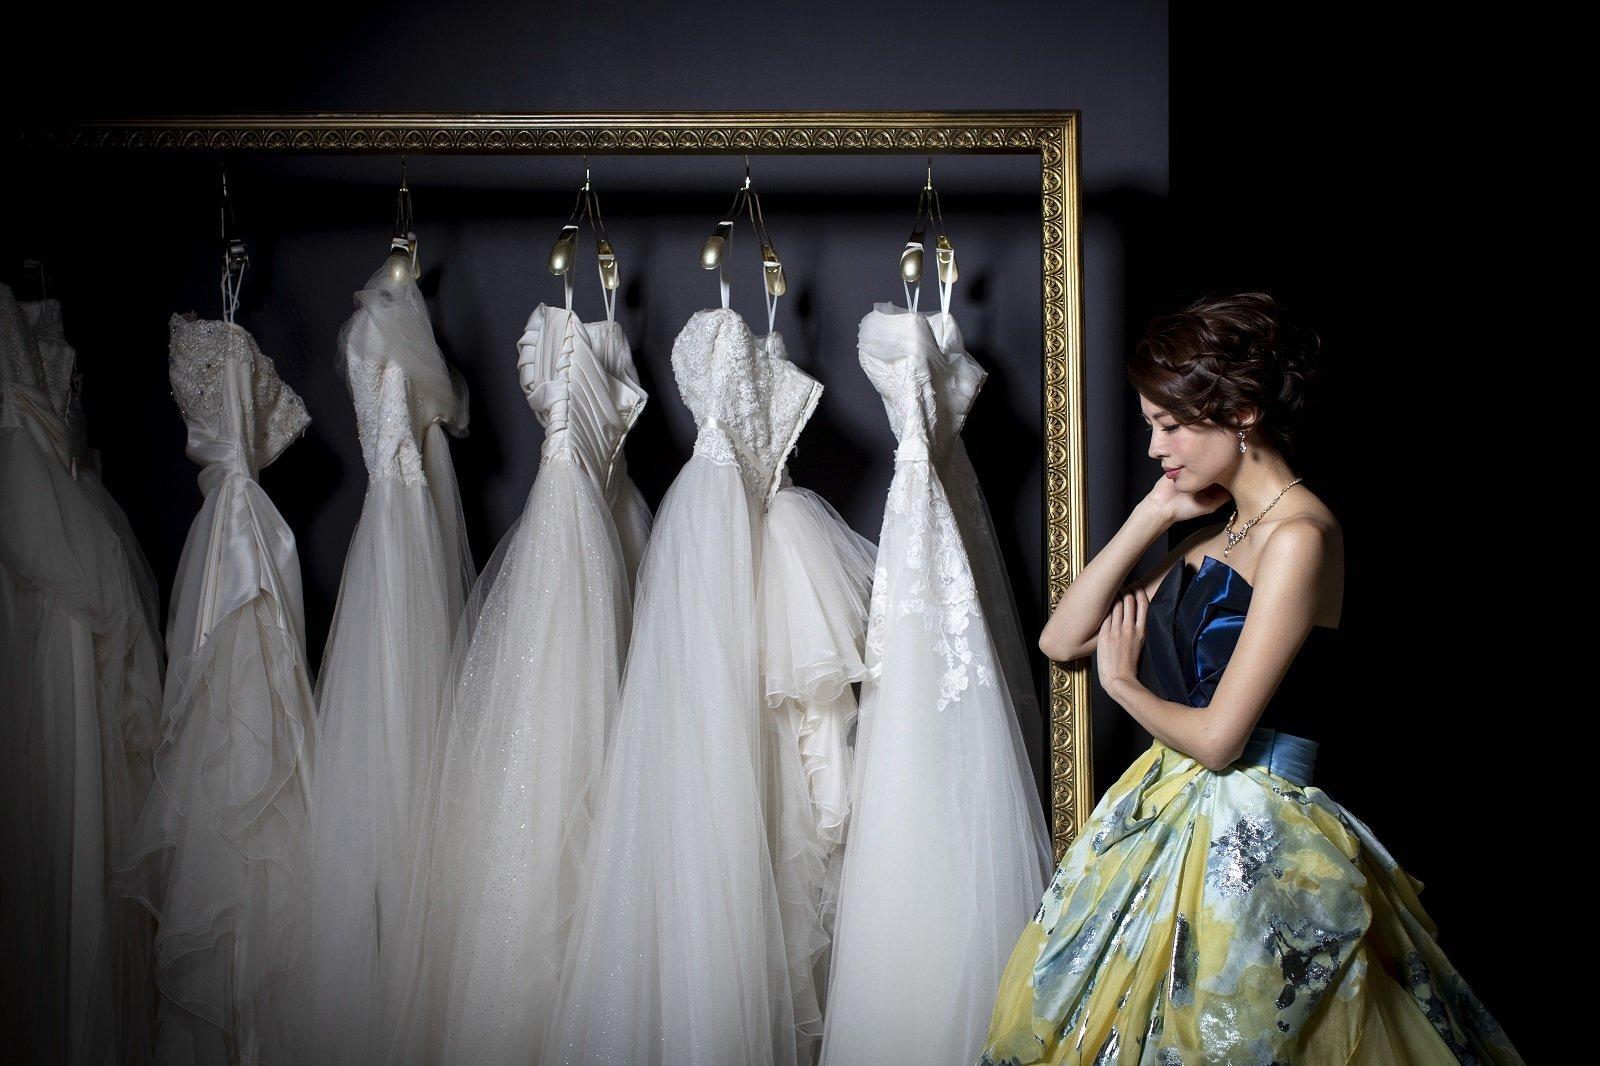 香川の結婚式場のシェルエメール&アイスタイルのドレス